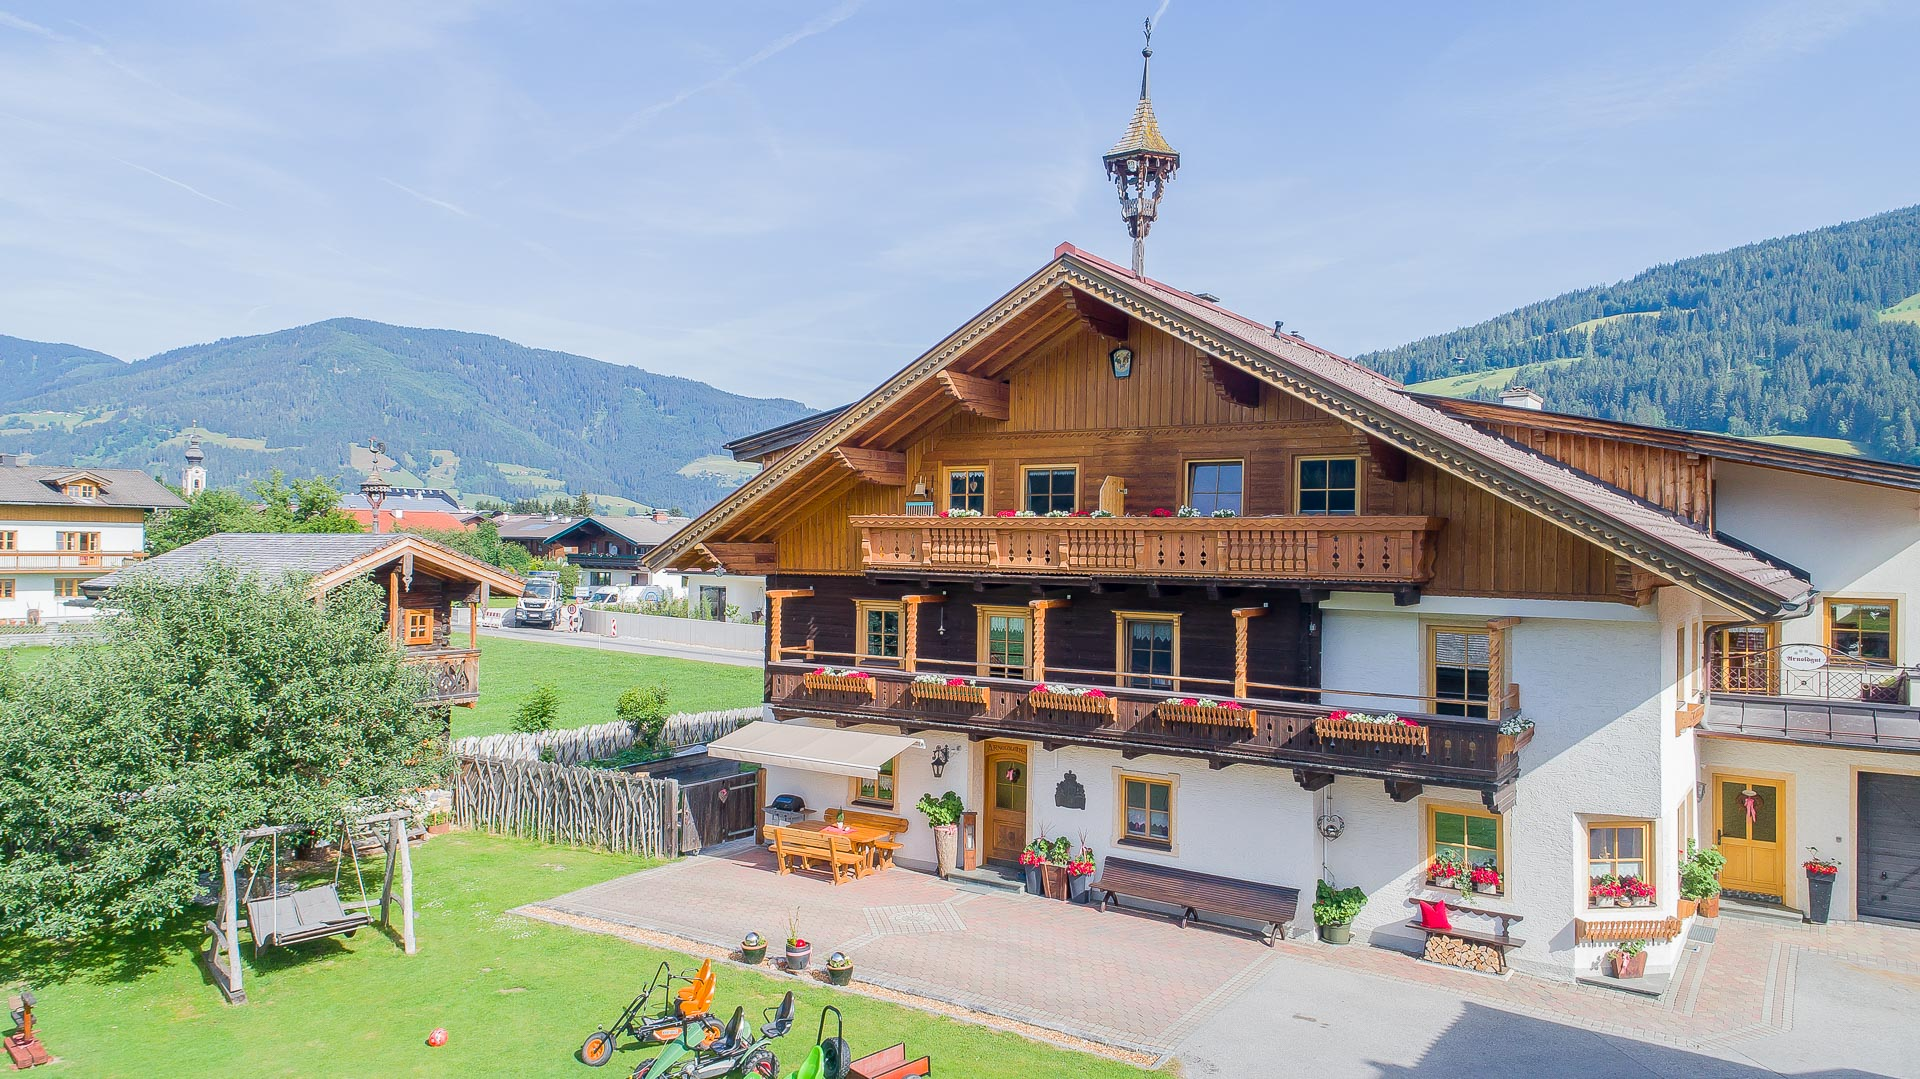 Preise Skipsse Radstadt - Altenmarkt - Ski amade - Bergfex